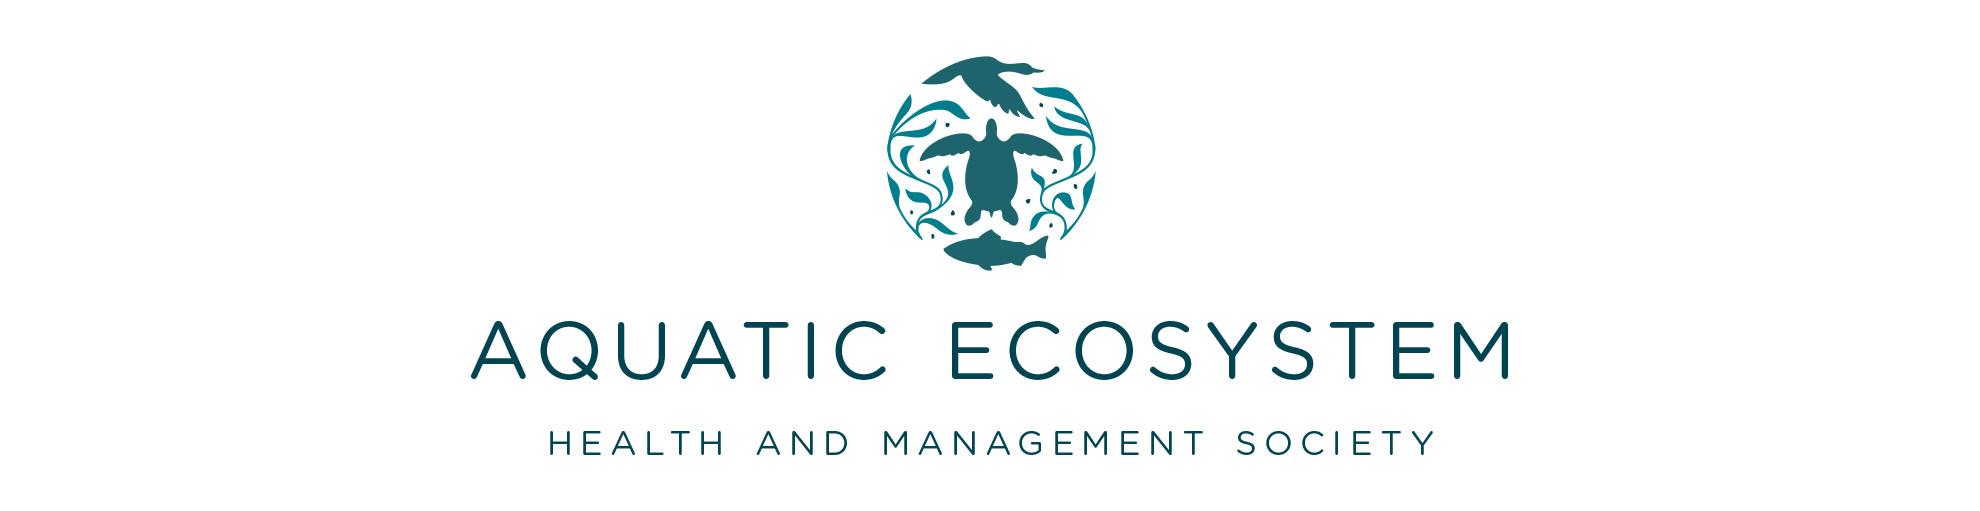 Aquatic_Ecosystem_HMS.jpg